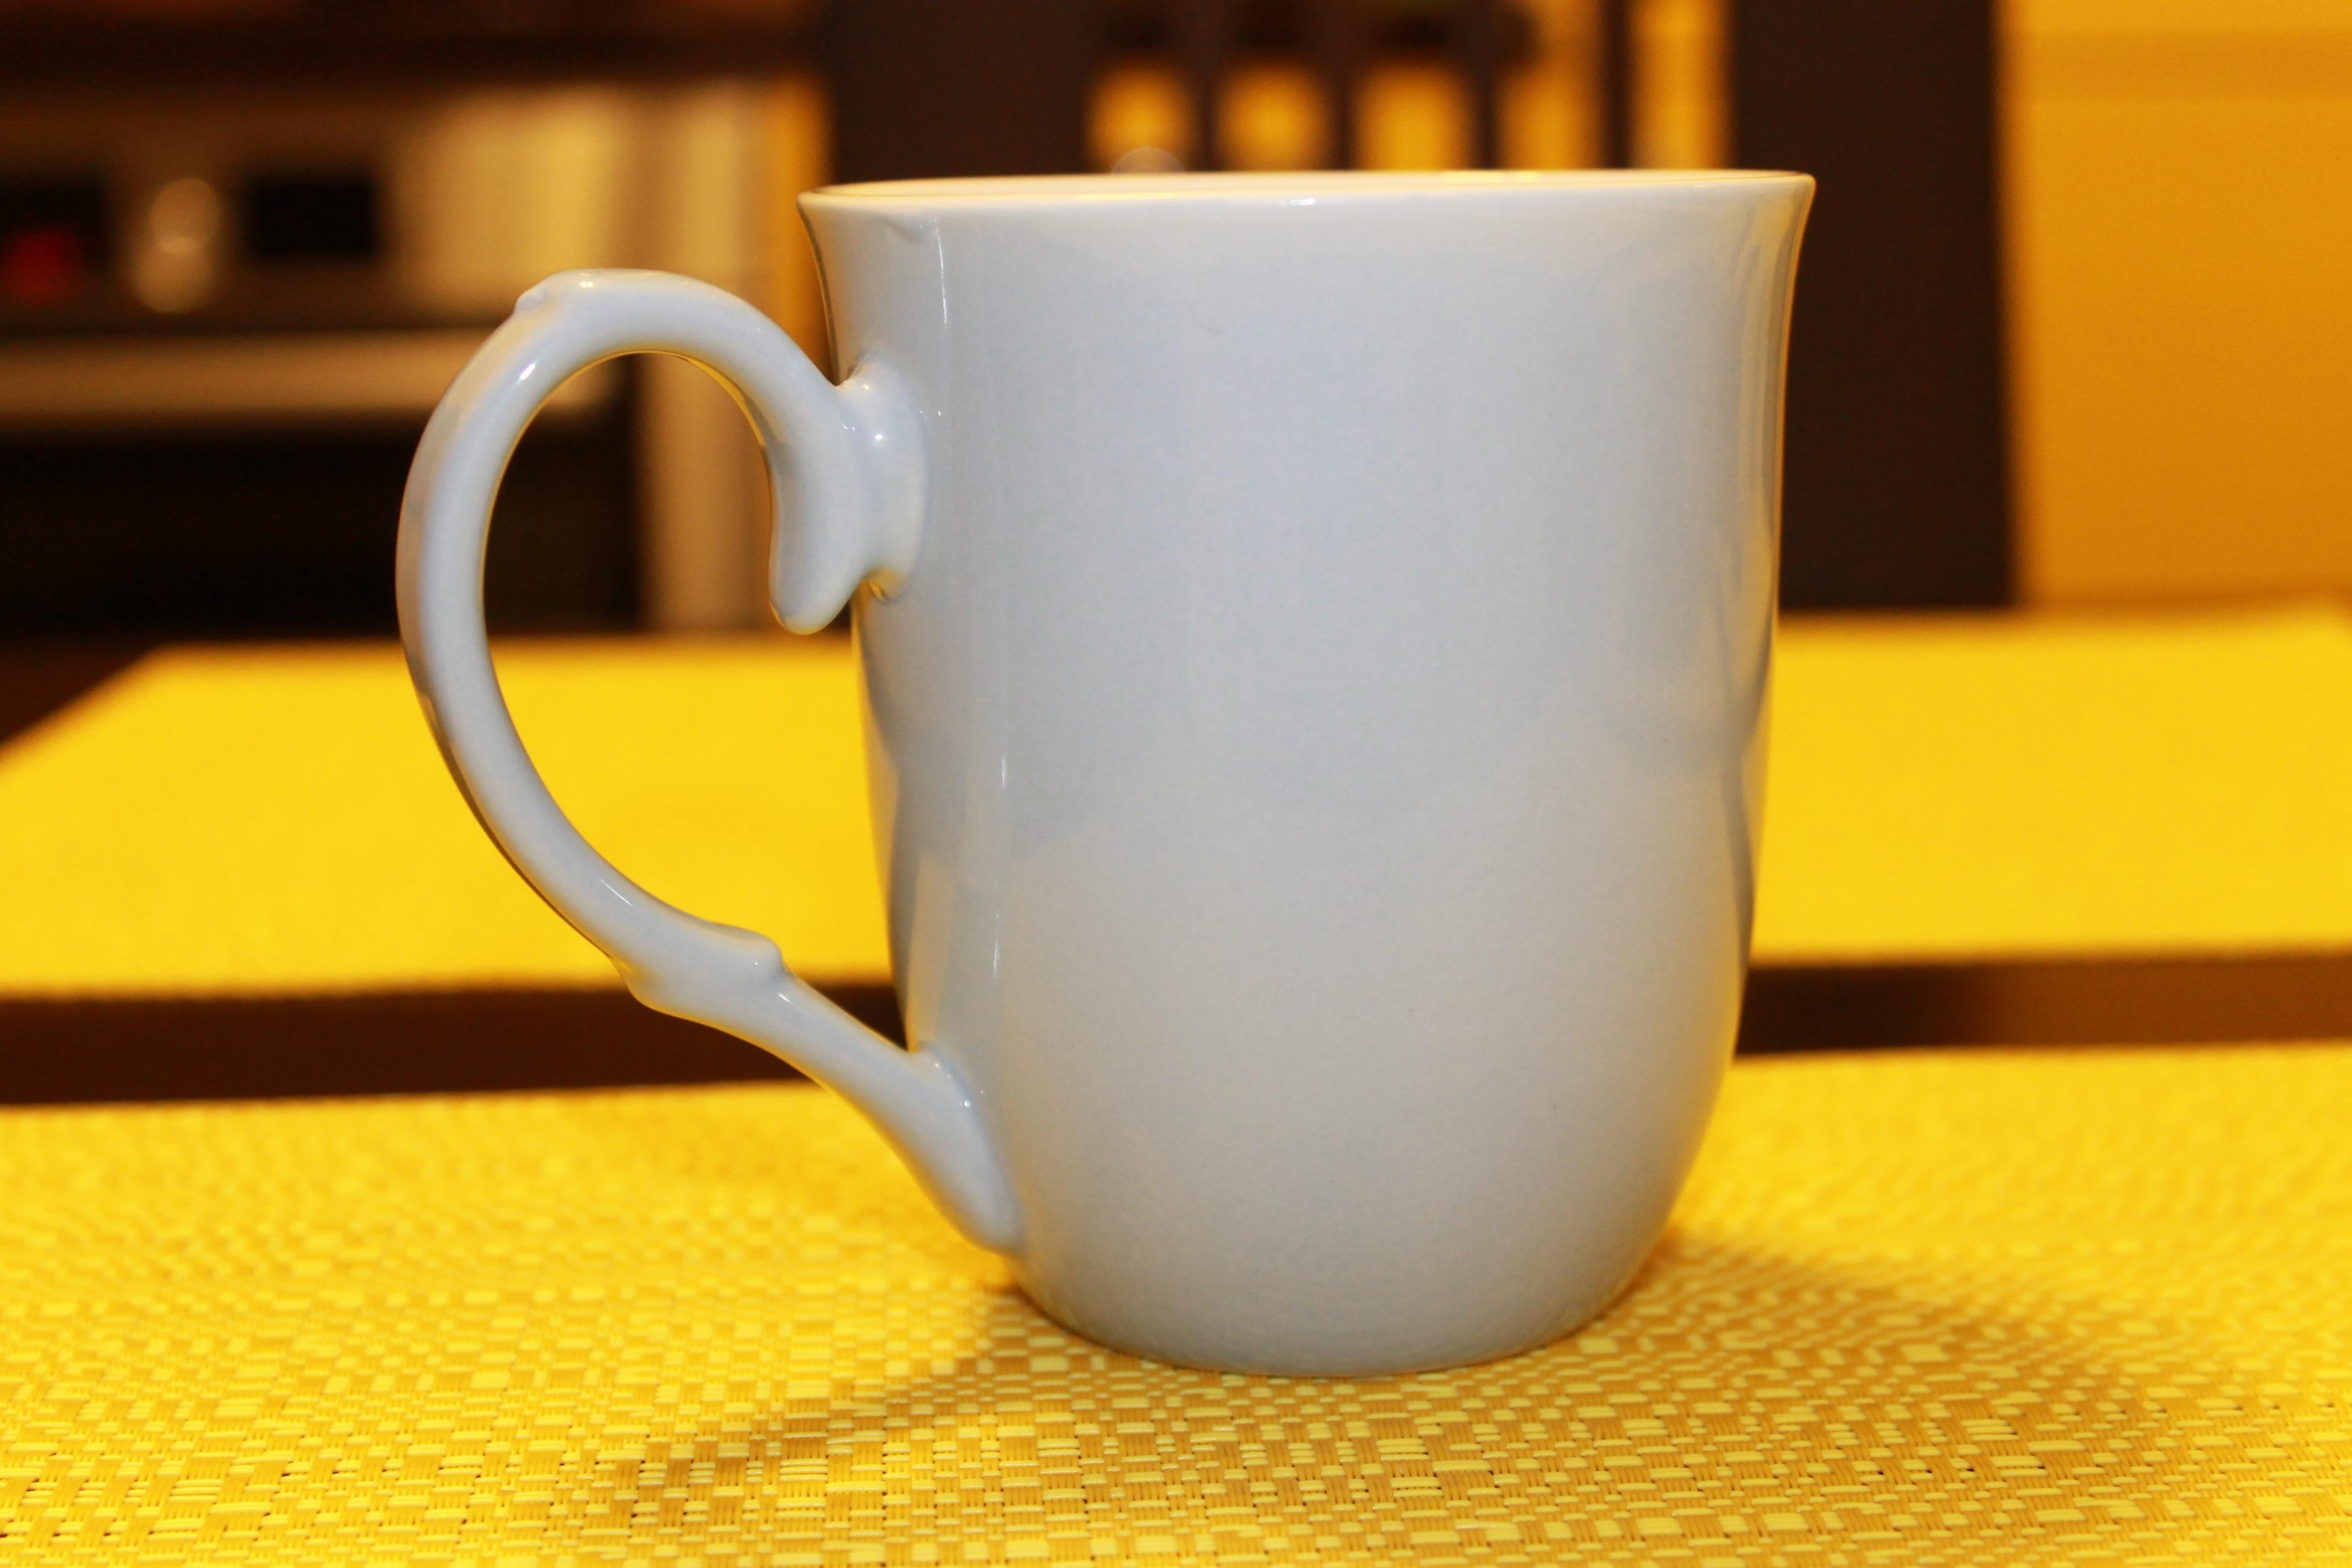 images gratuites : verre, coupe, céramique, cuisine, boisson, noir